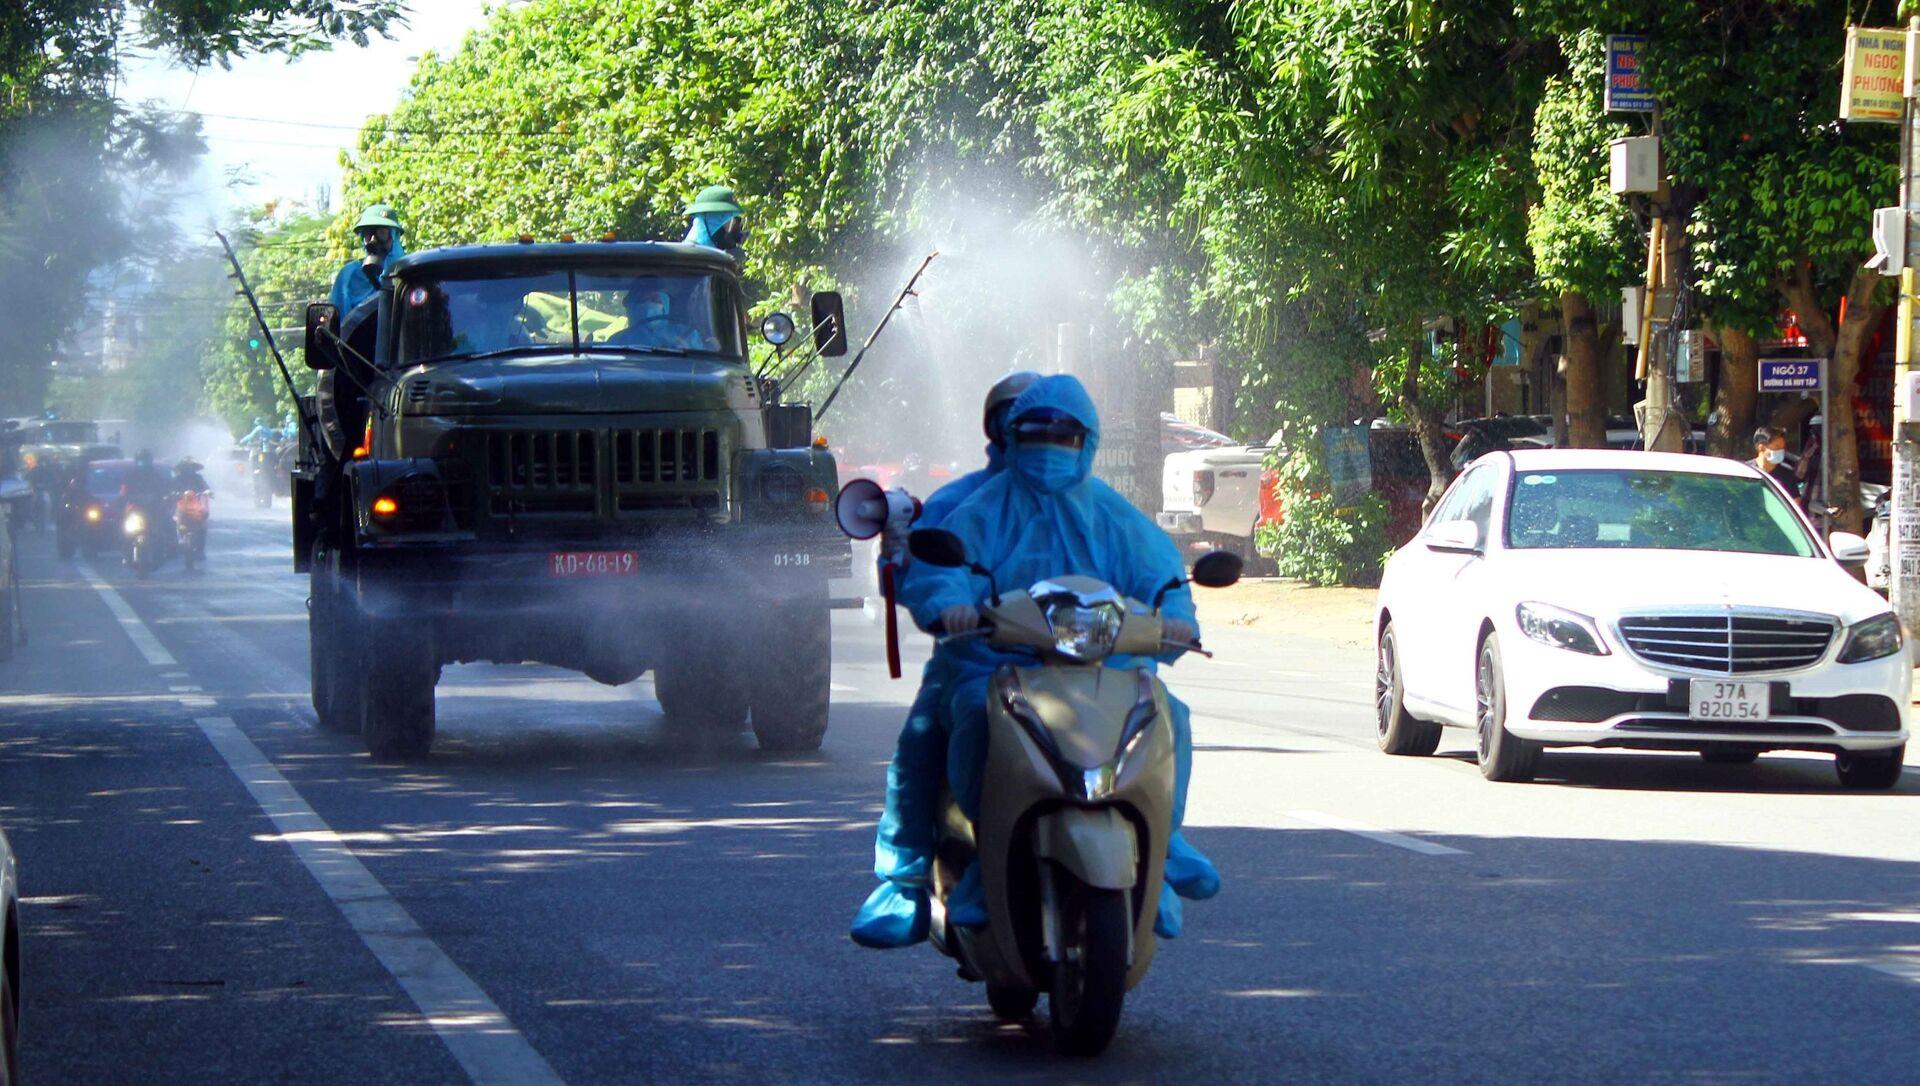 Xe chuyên dụng phun hóa chất khử khuẩn tại đường Hà Huy Tập, thành phố Vinh, Nghệ An. - Sputnik Việt Nam, 1920, 29.06.2021